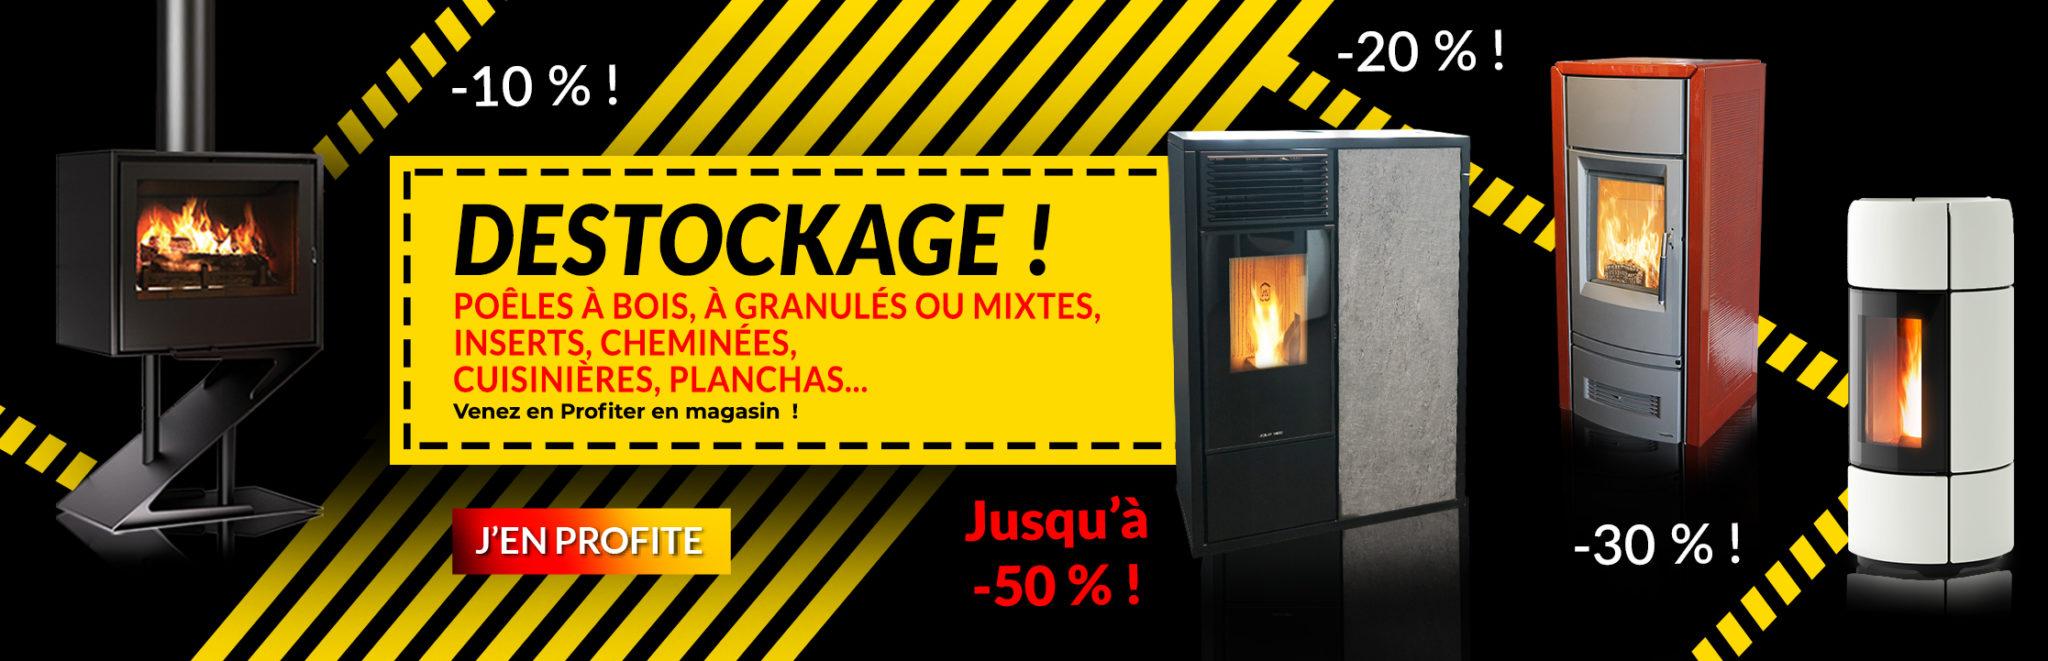 Destockage poêles et cheminées FlamDéco